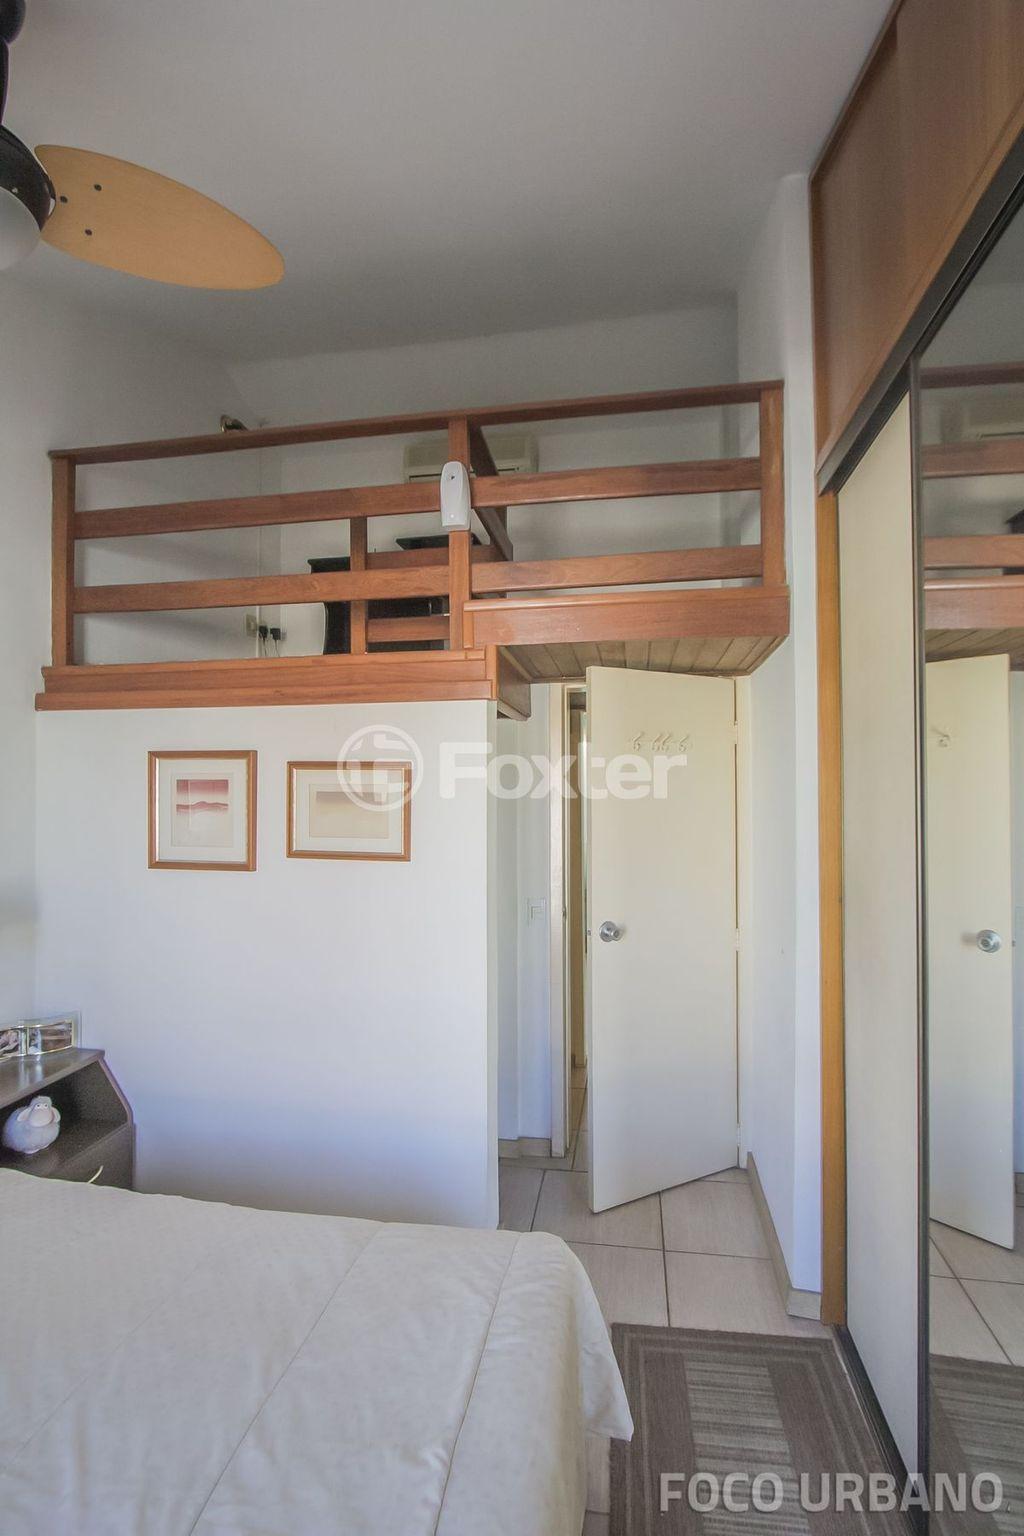 Casa 2 Dorm, Ipanema, Porto Alegre (146334) - Foto 31